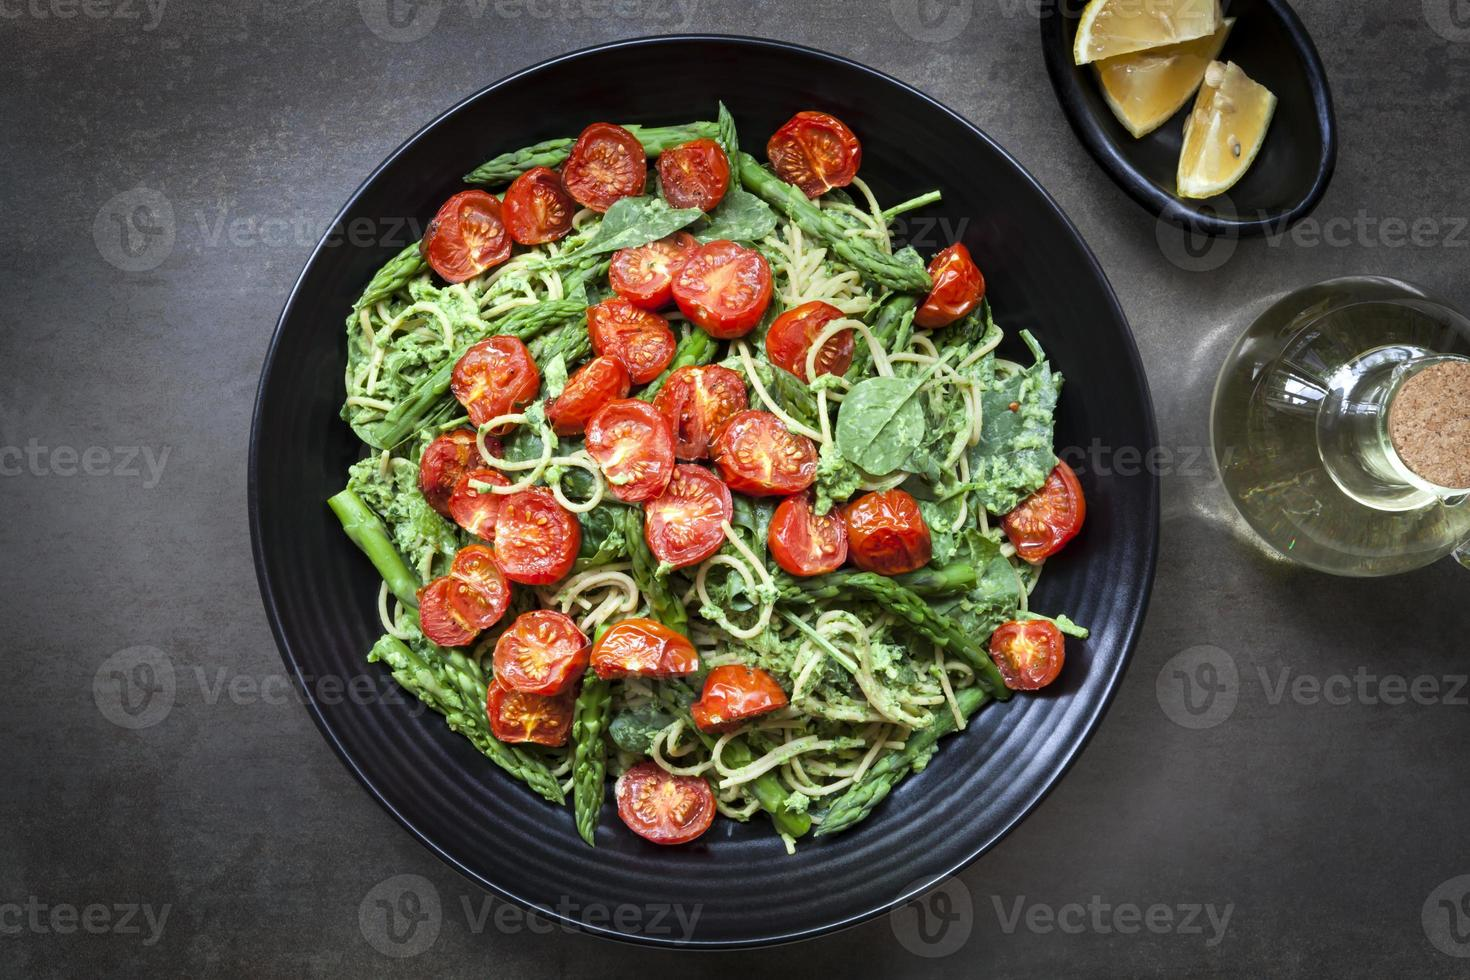 espaguete com tomate assado e pesto de aspargos foto